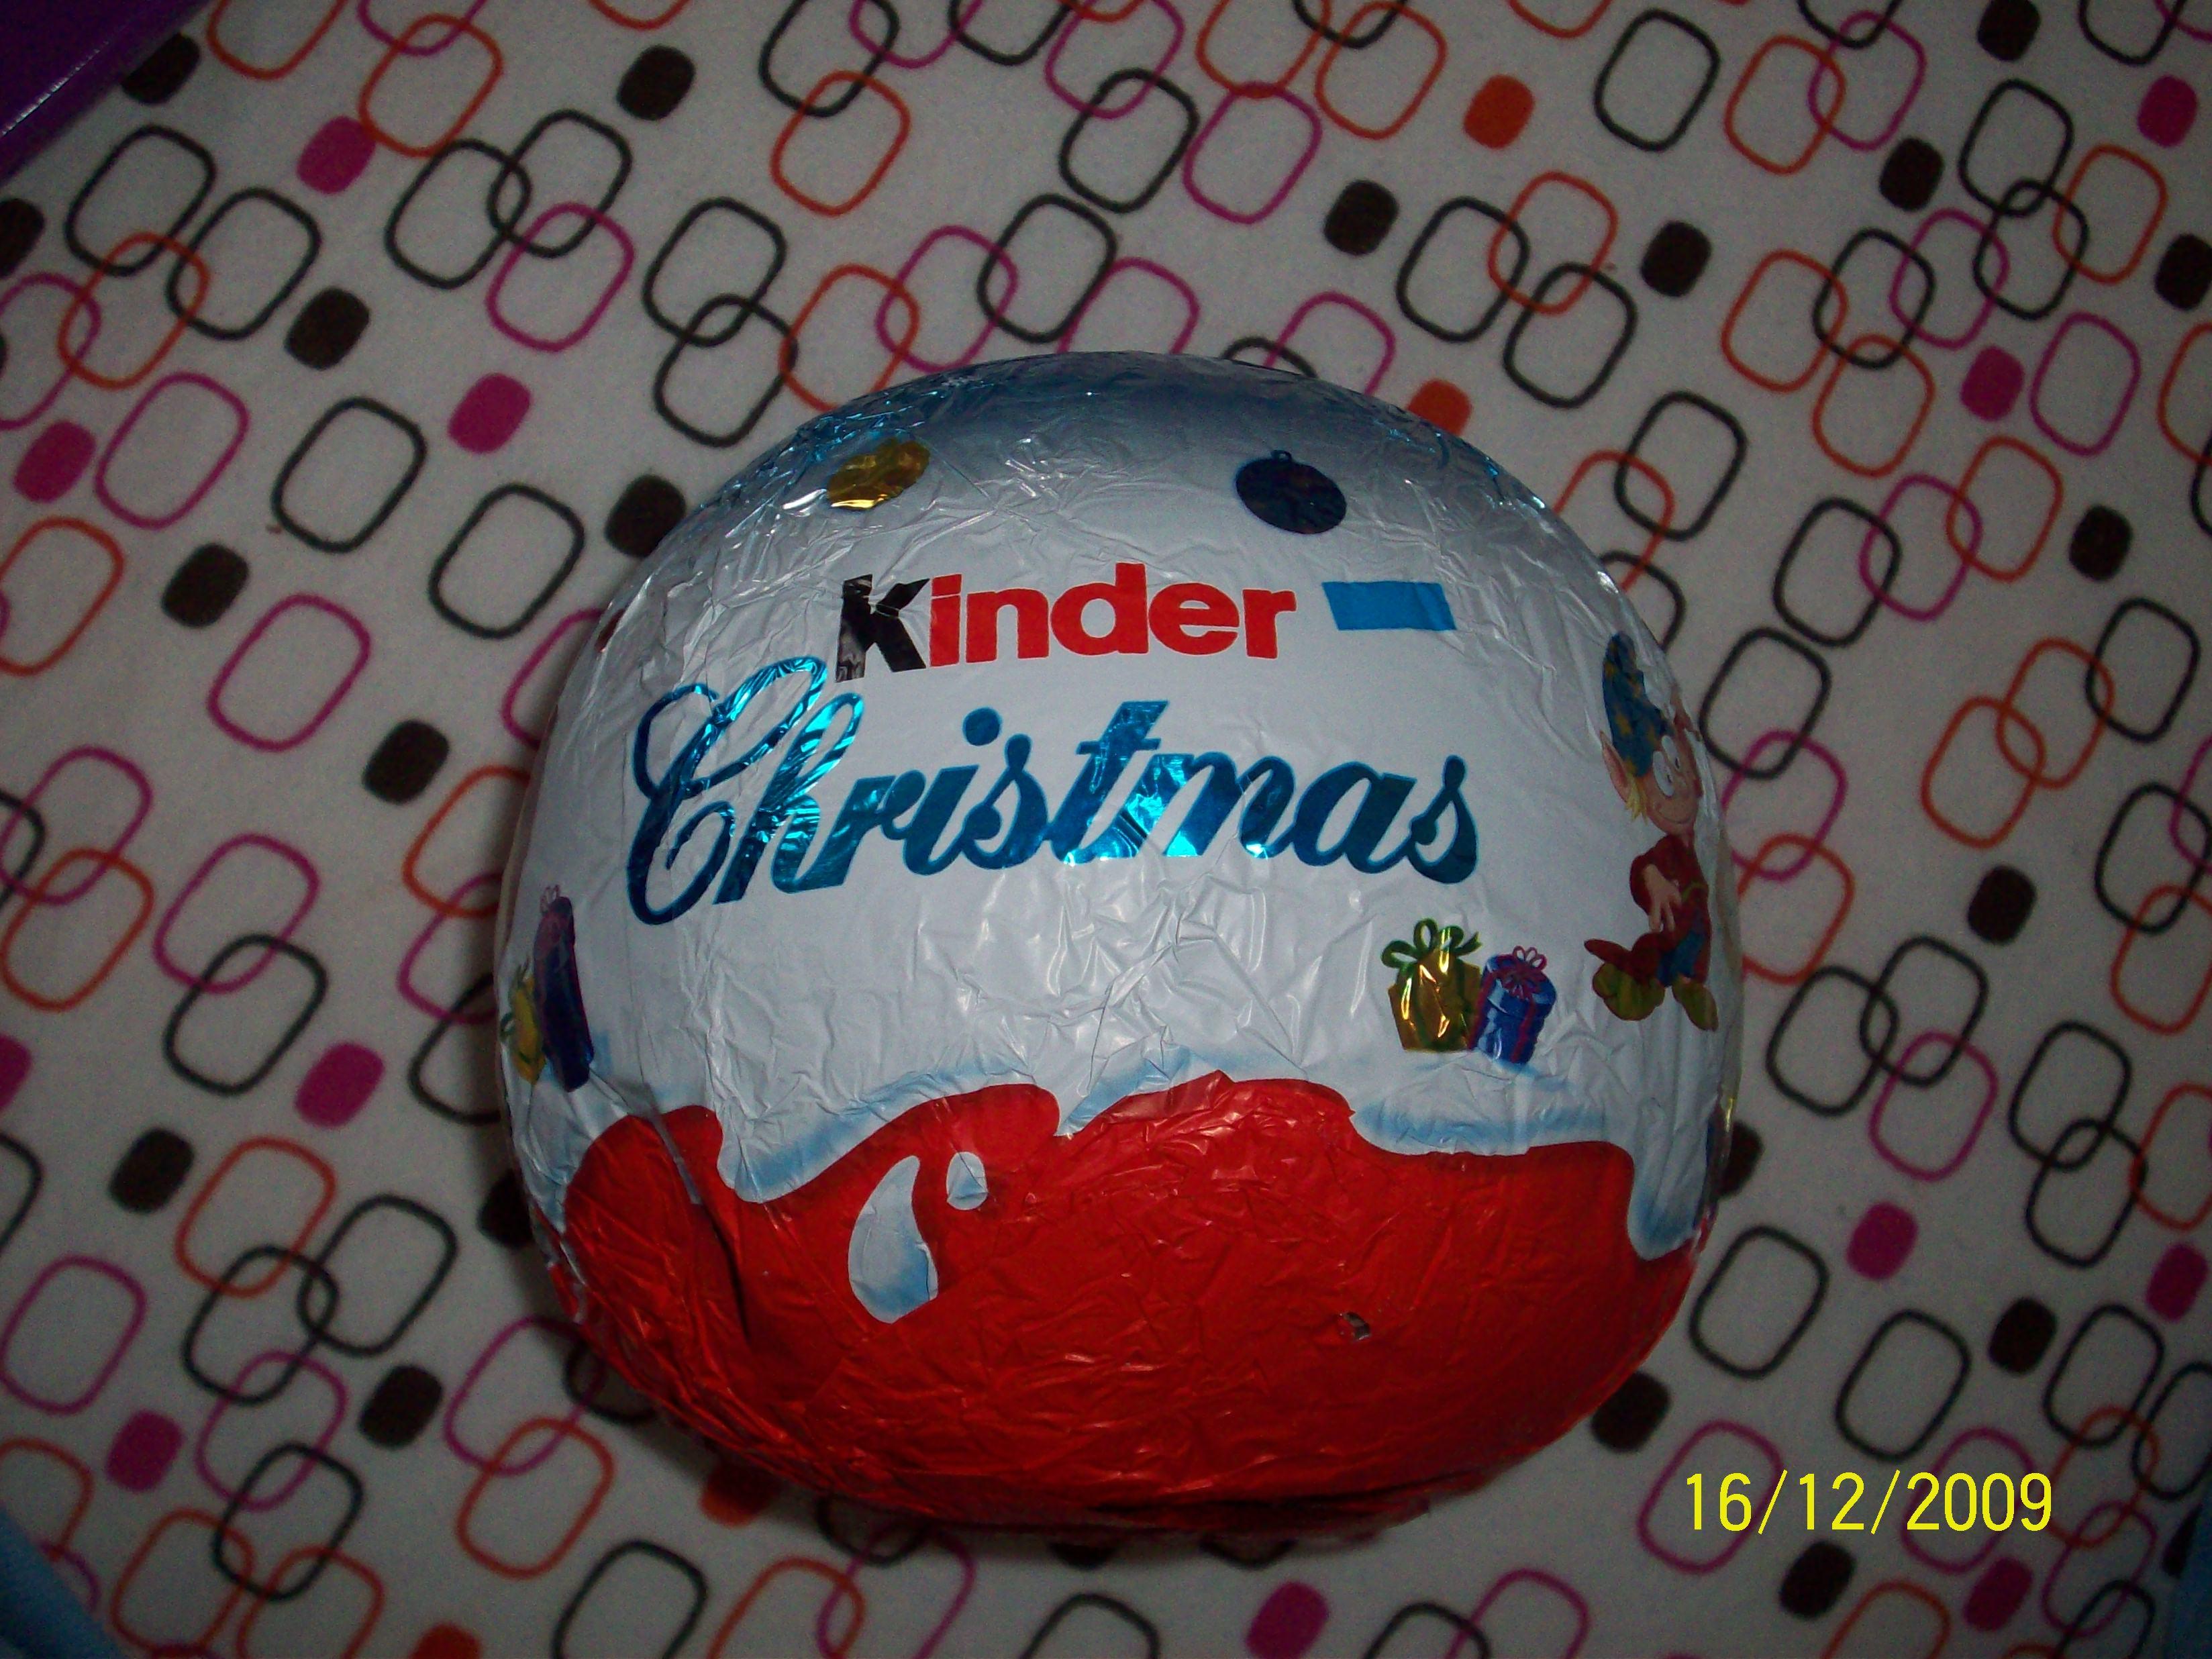 https://foodloader.net/cutie_2009-12-16_Kinder_Christmas_Ball.jpg